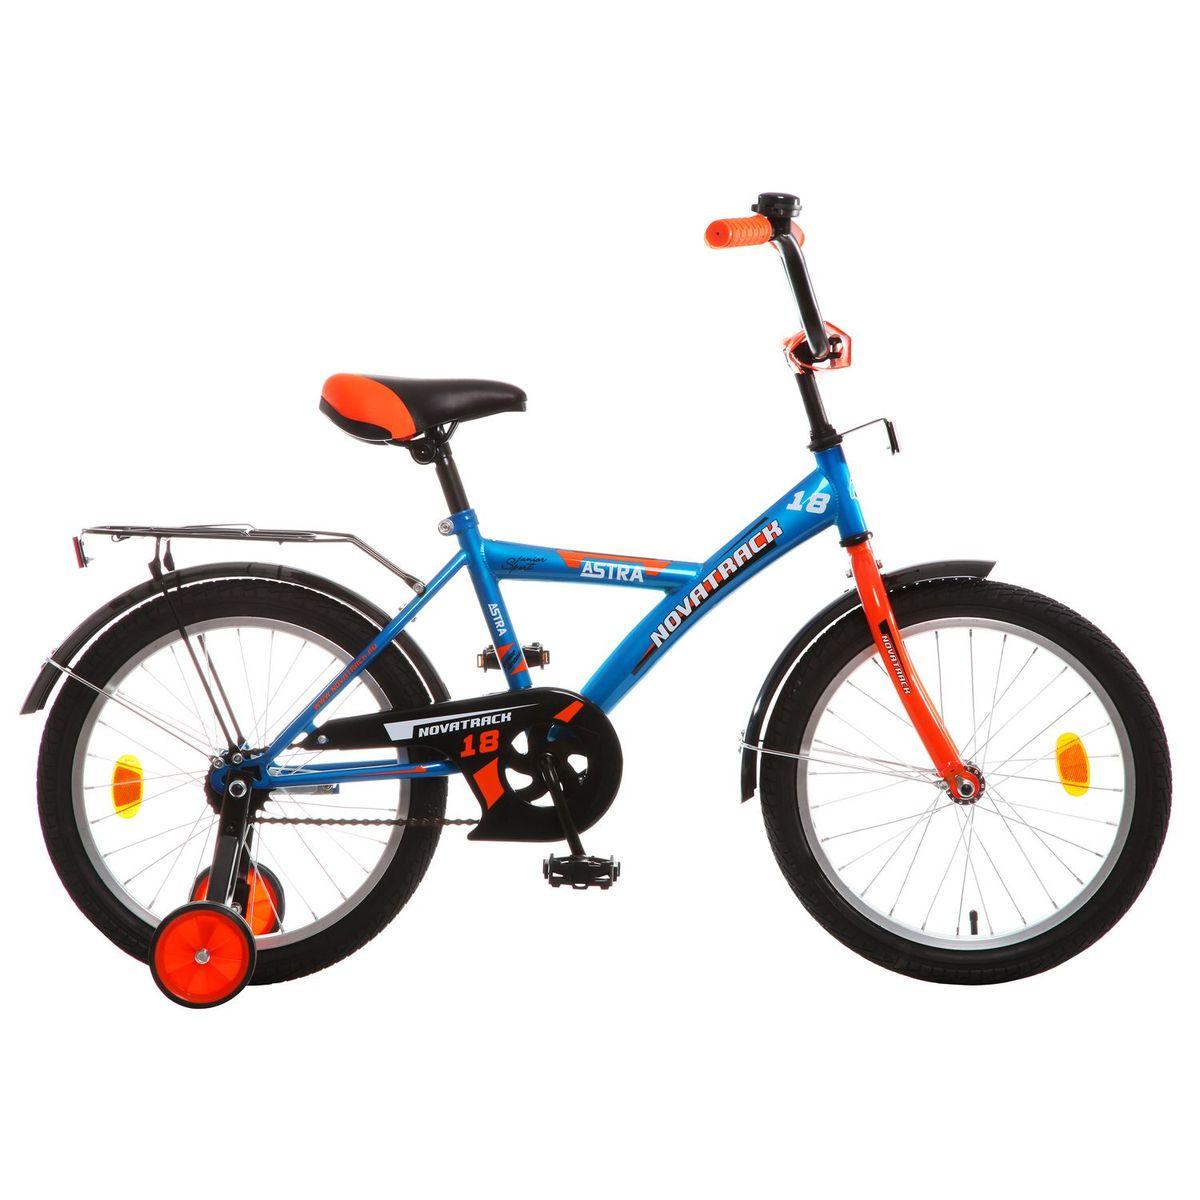 Велосипед детский Novatrack Astra 18, цвет: синий143URBAN.VL6Хотите, чтобы ваш ребенок играя укреплял здоровье? Тогда ему нужен удобный и надежный велосипед Novatrack Astra 18'', рассчитанный на ребят 6-9 лет. Одного взгляда ребенка хватит, чтобы раз и навсегда влюбиться в свой новенький двухколесный транспорт. Дополнительную устойчивость железному «коню» обеспечивают два маленьких съемных колеса в цвет велосипеда. Astra собрана на базе рамы с универсальной геометрией, которая позволяет легко взобраться или слезть с велосипеда, при этом он имеет такой вес, что ребенок сам легко справляется со своим транспортным средством. Еще один элемент безопасности – это защита цепи, которая оберегает одежду и ноги ребенка от попадания в механизм. Стильные крылья защитят от грязи и брызг, а на багажнике ребенок сможет перевозить массу полезных в дороге вещей. Данная модель маневренна и легко управляется, поэтому ребенку будет несложно и интересно учиться езде.